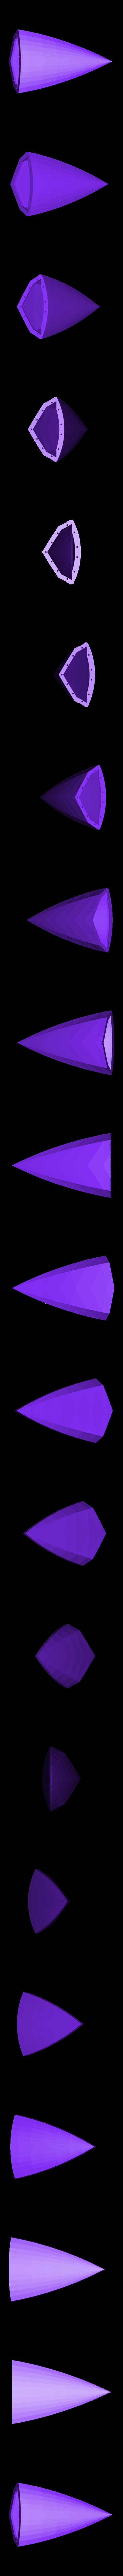 hull_front.stl Download free STL file 3DRC RC Jet Boat Prototype • 3D printable design, finhudson16